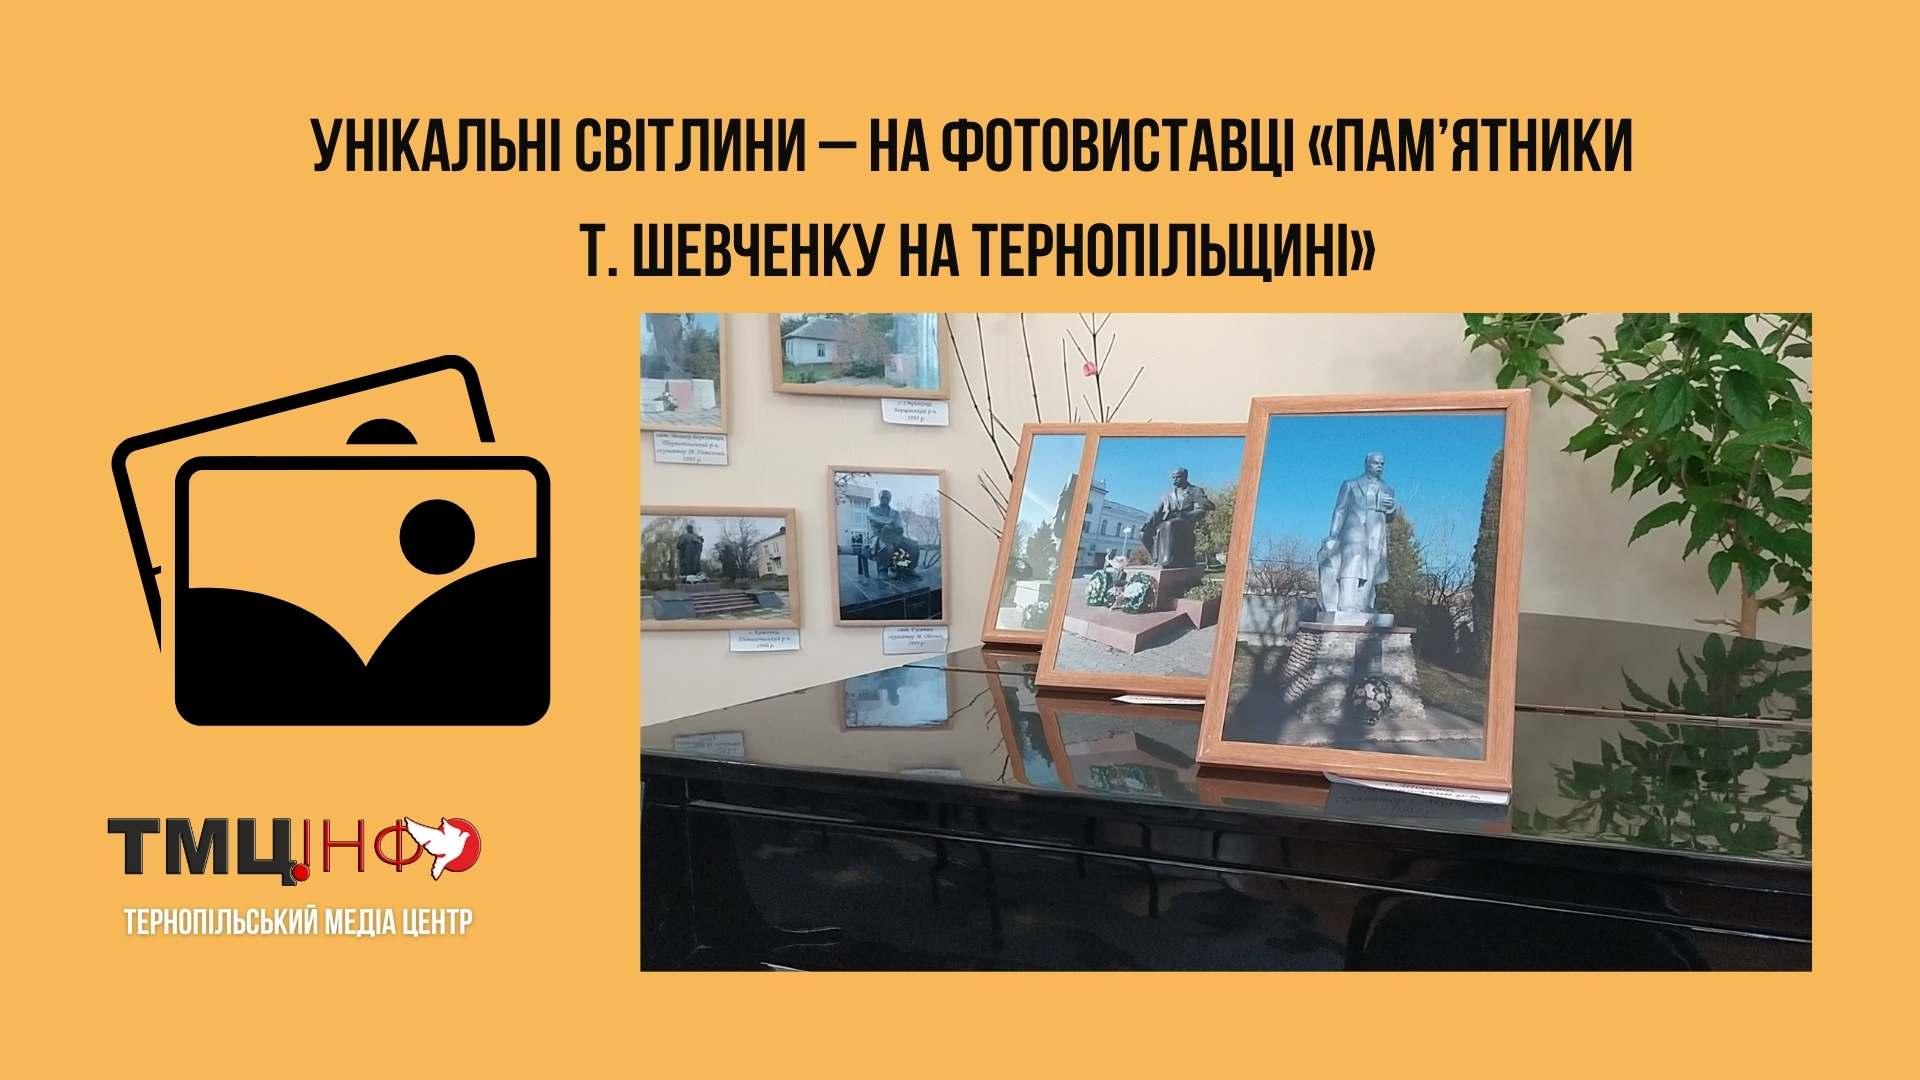 Унікальні світлини – на фотовиставці «Пам'ятники Т. Шевченку на Тернопільщині»